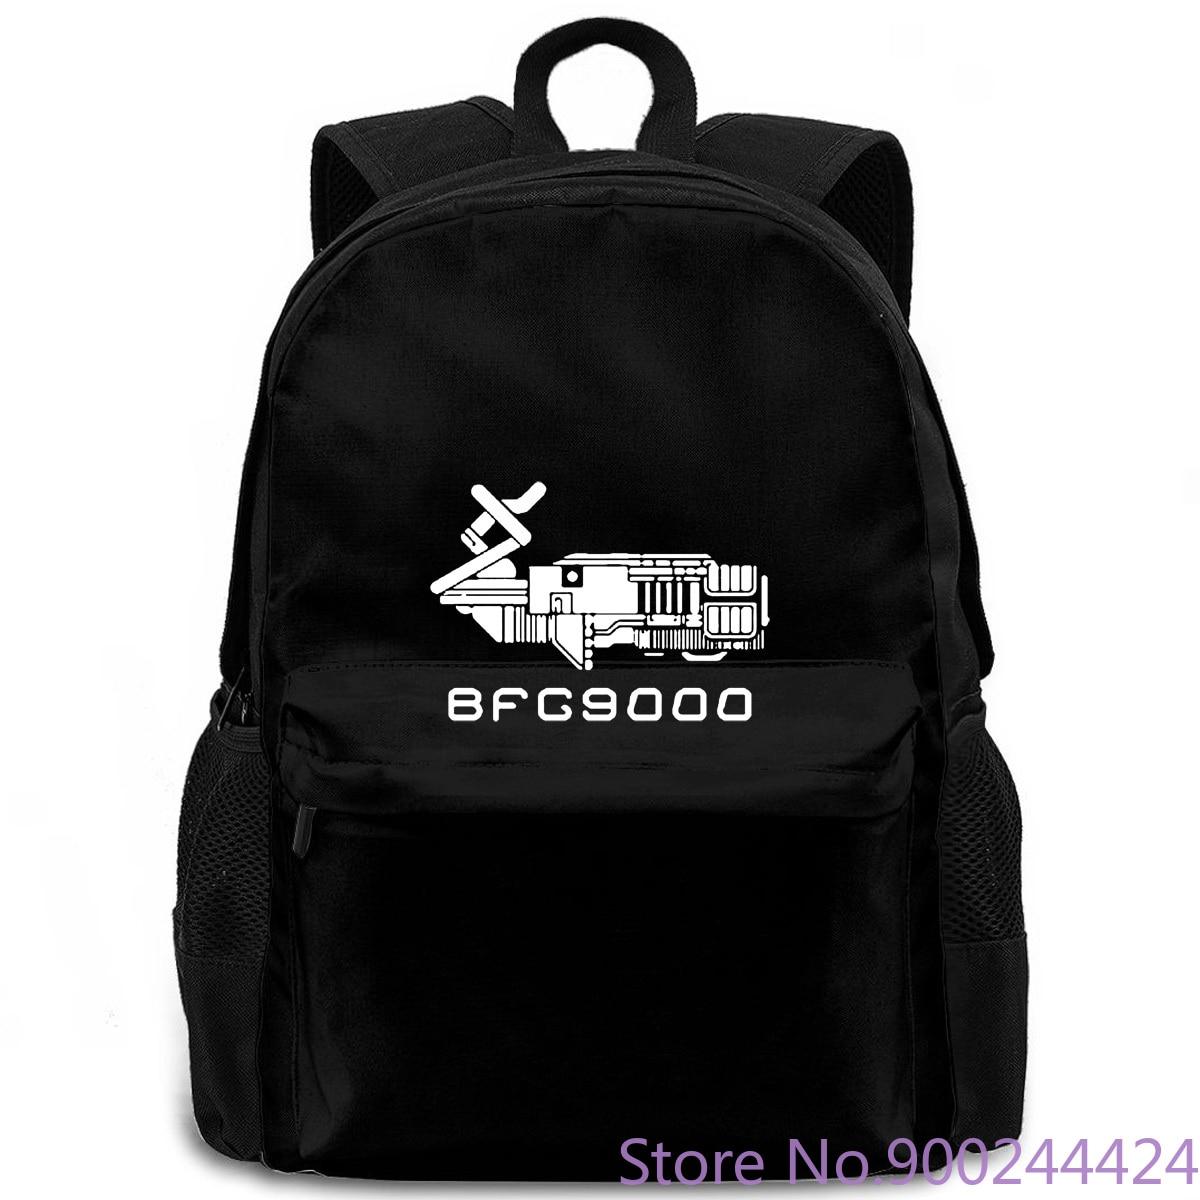 Famoso juego de película BFG, ventilador de película de cuello redondo, nueva mochila para hombres y mujeres, mochila para portátil, viaje, escuela, estudiante adulto